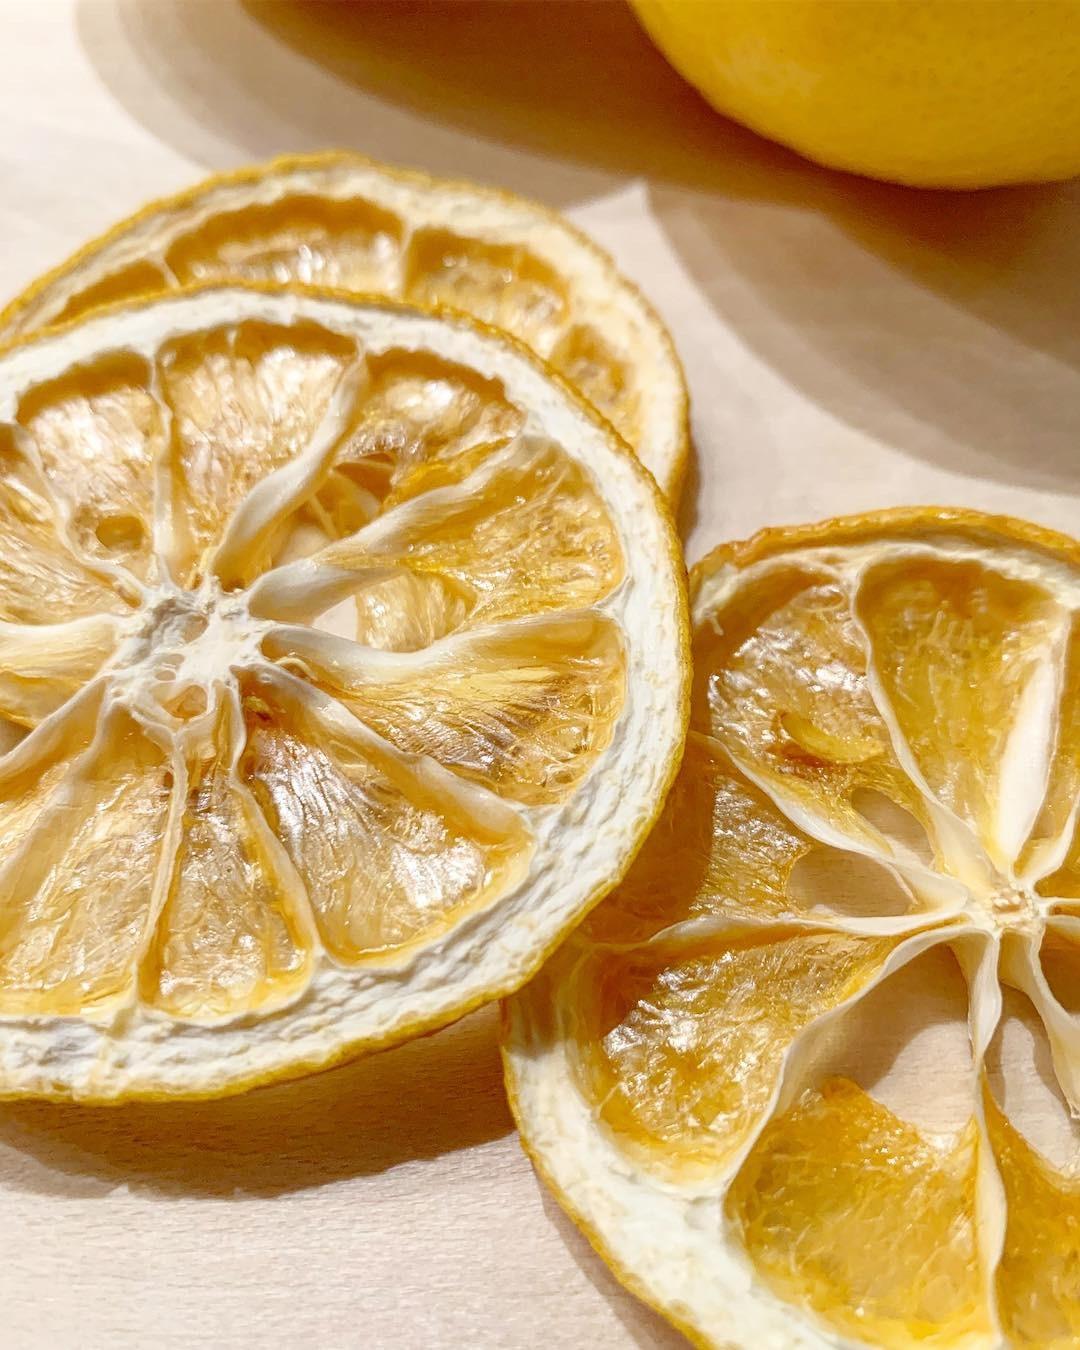 【高知県産 小夏】小夏は高知の夏を代表する柑橘。酸味と甘みのハーモニー Mサイズ